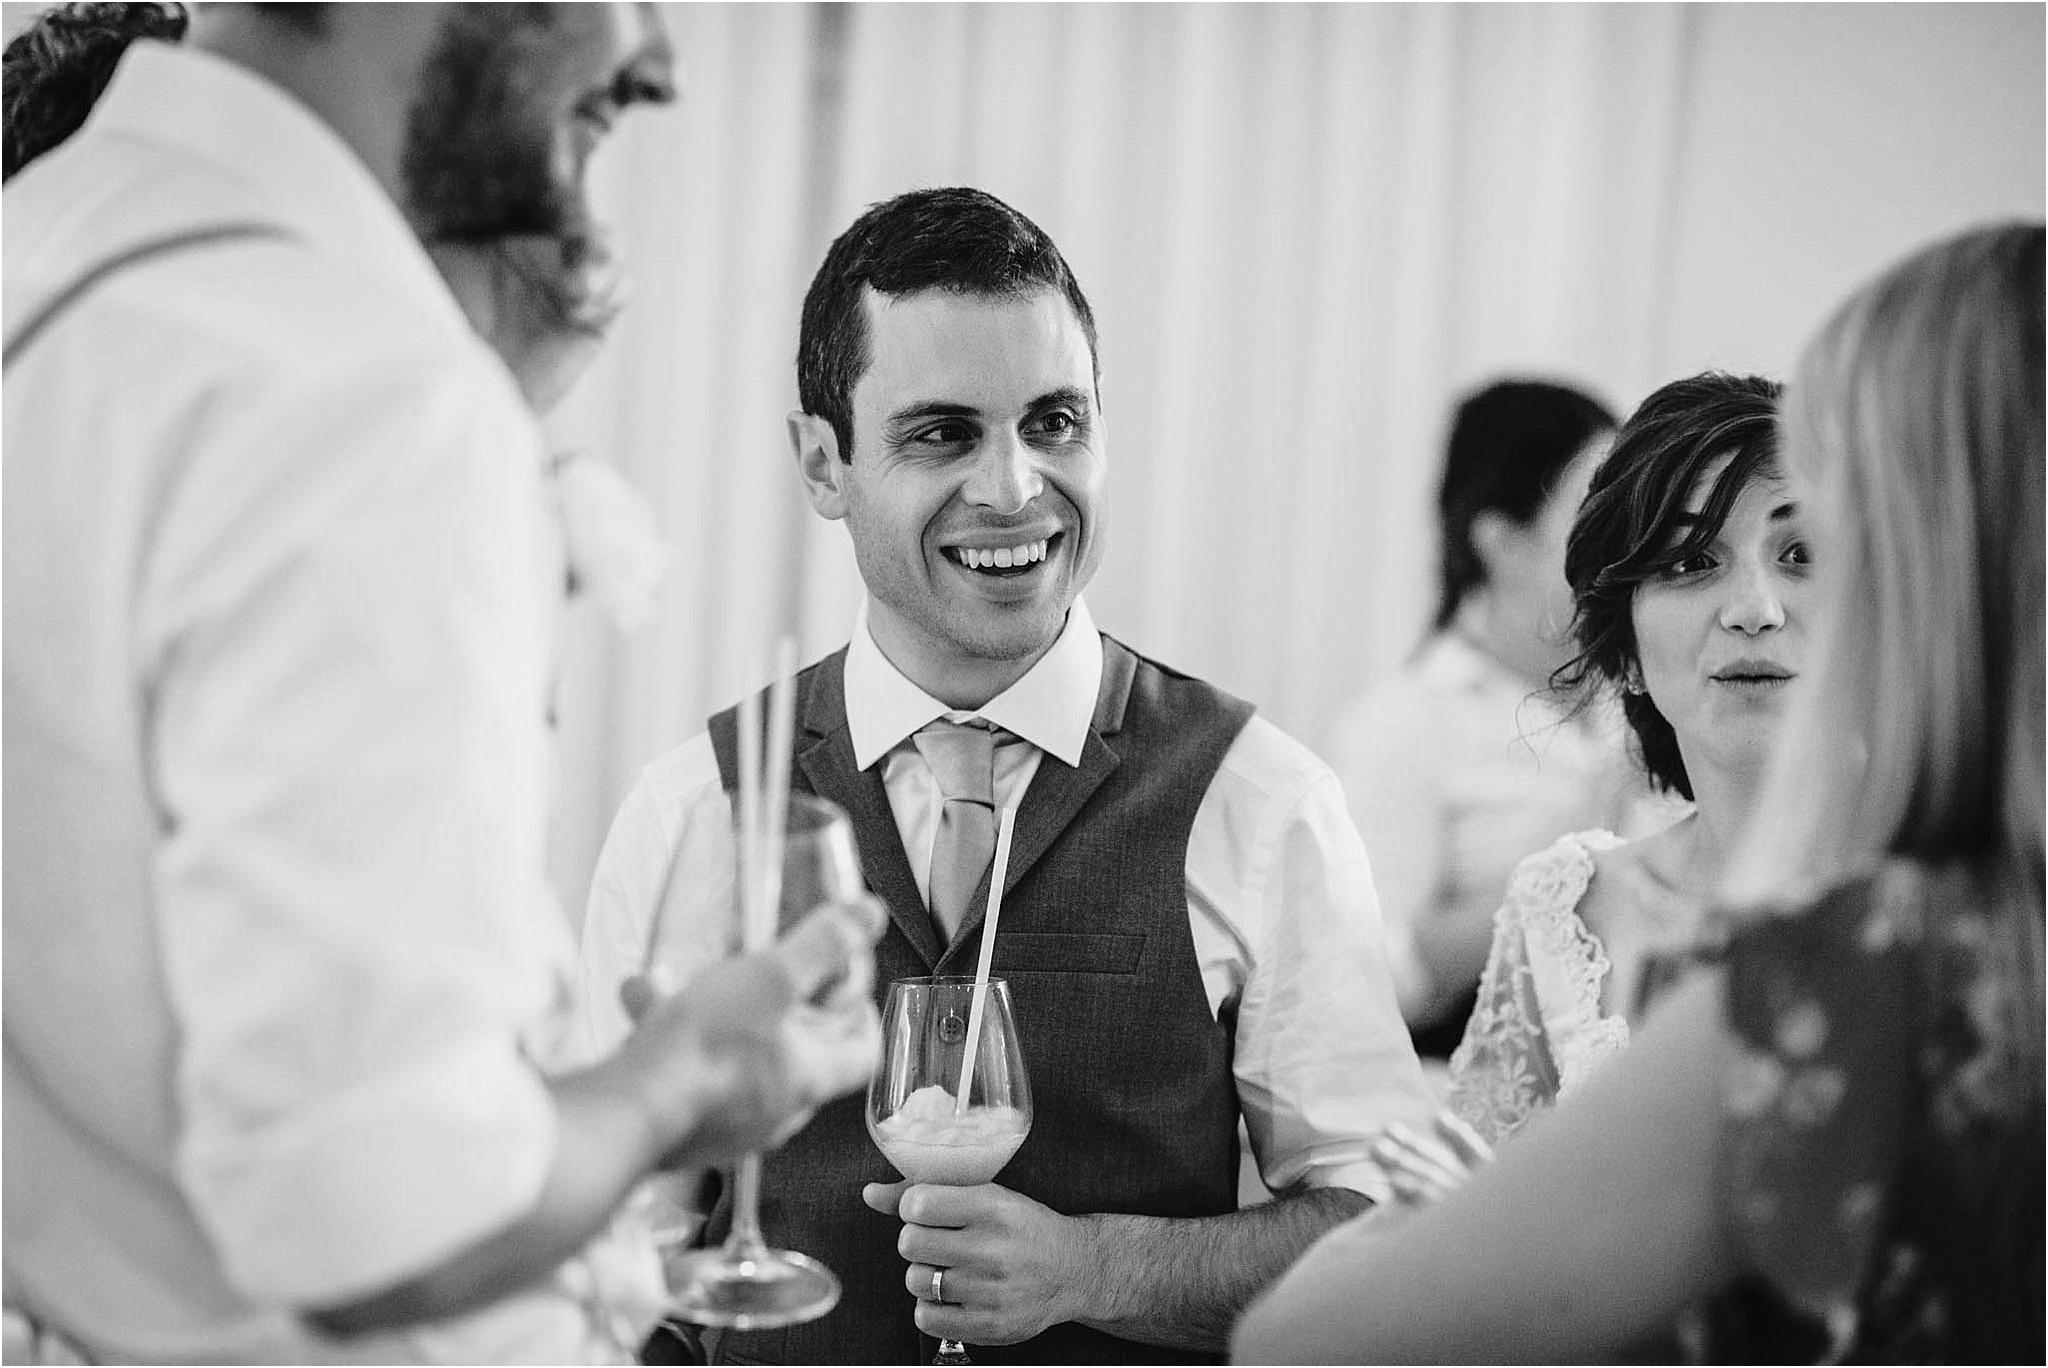 Auckland-Wedding-Photographer-Vanessa-Julian-Officers-Mess-Married_0033.jpg